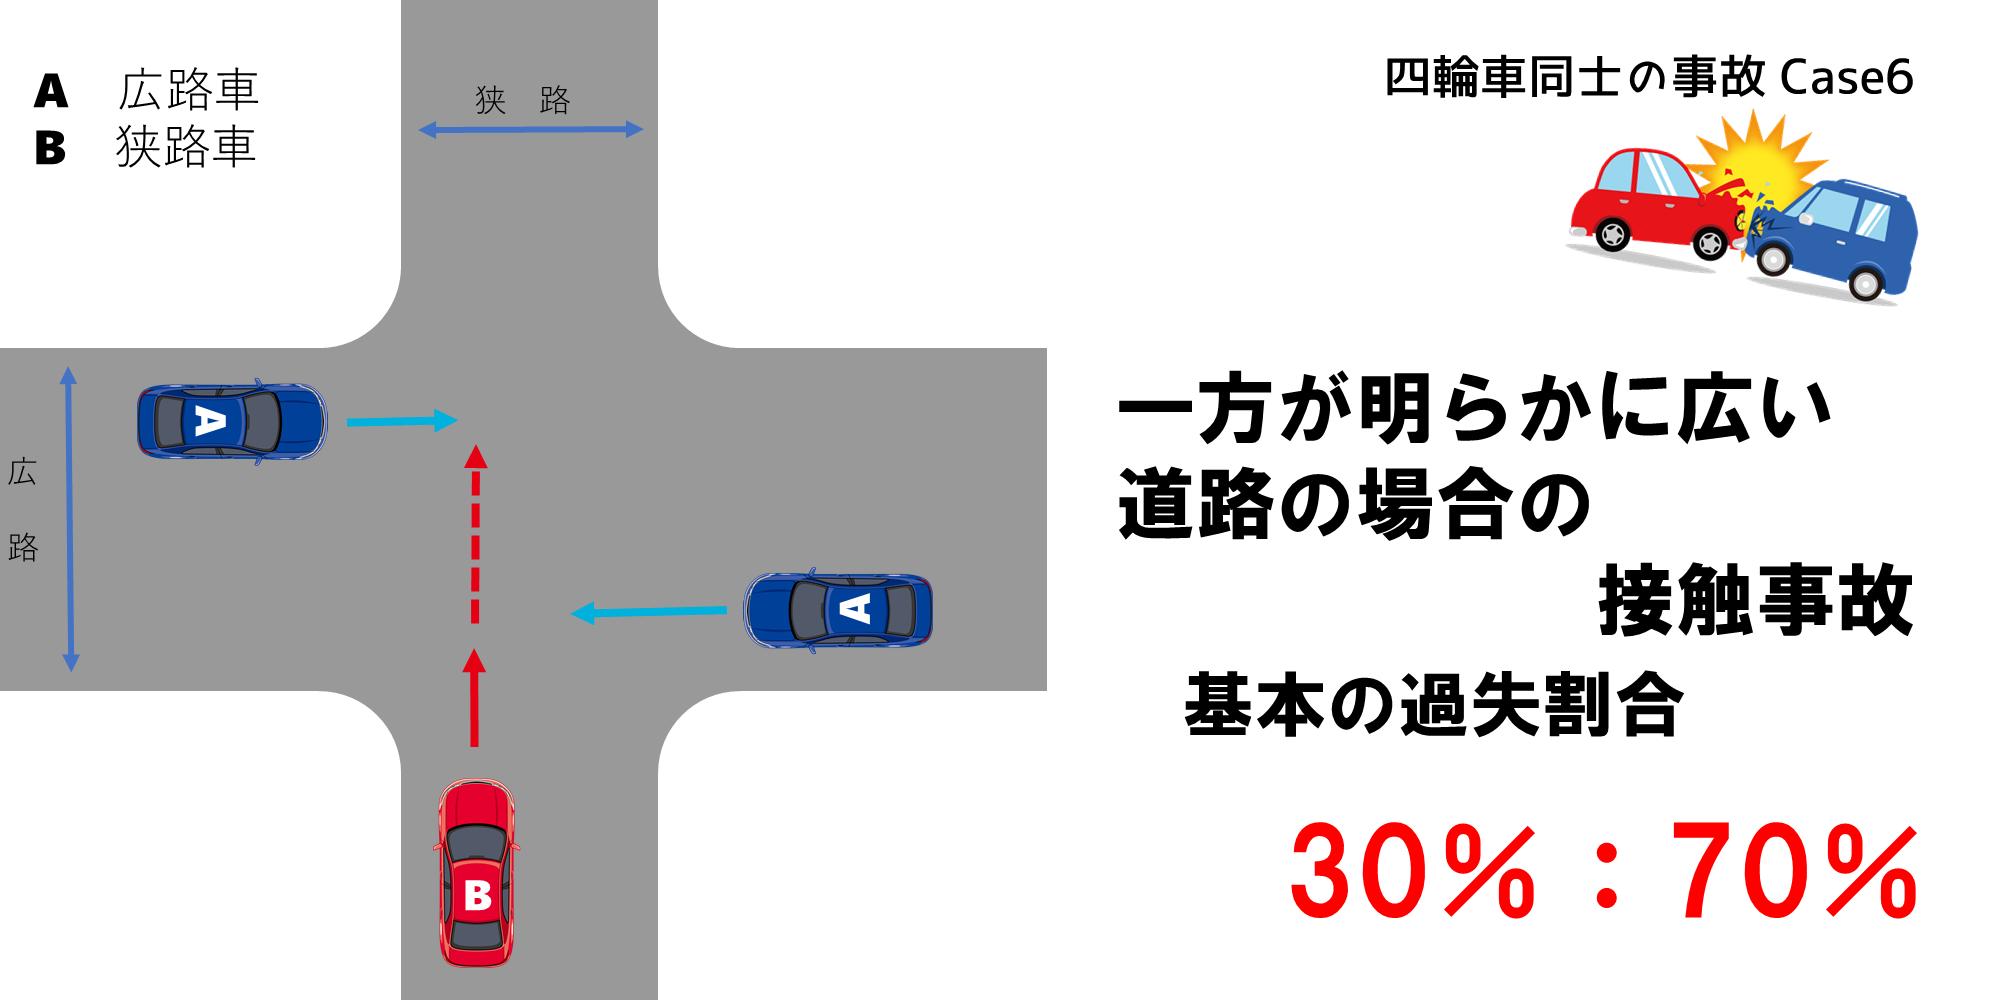 一方が明らかに広い道路の場合の過失割合